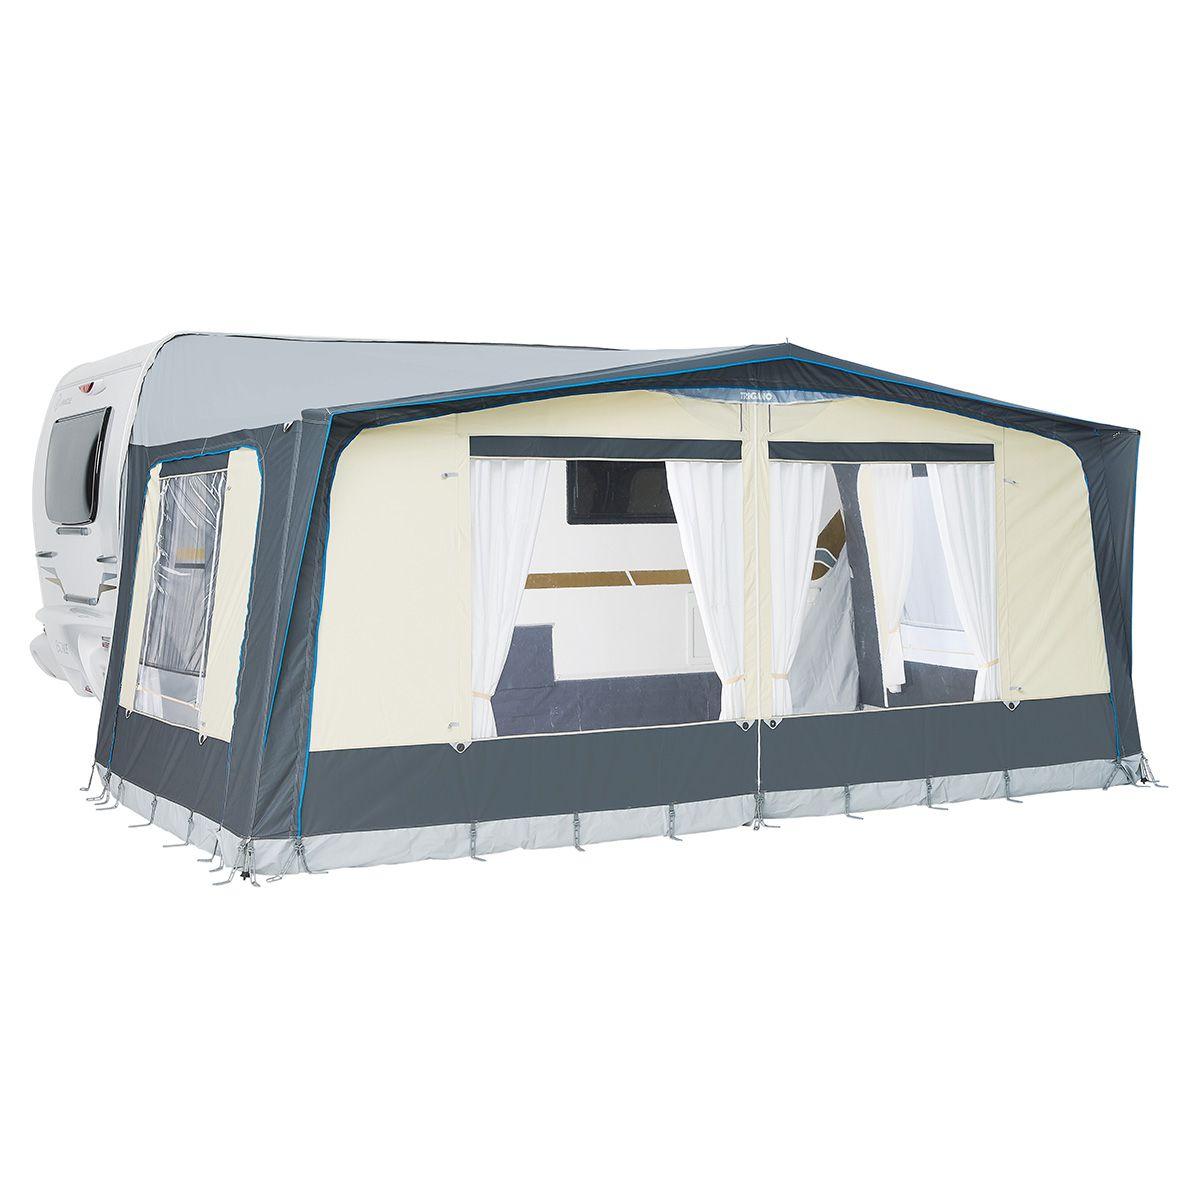 auvent de caravane touquet 2 70m annexe chambre confort annexe rangement